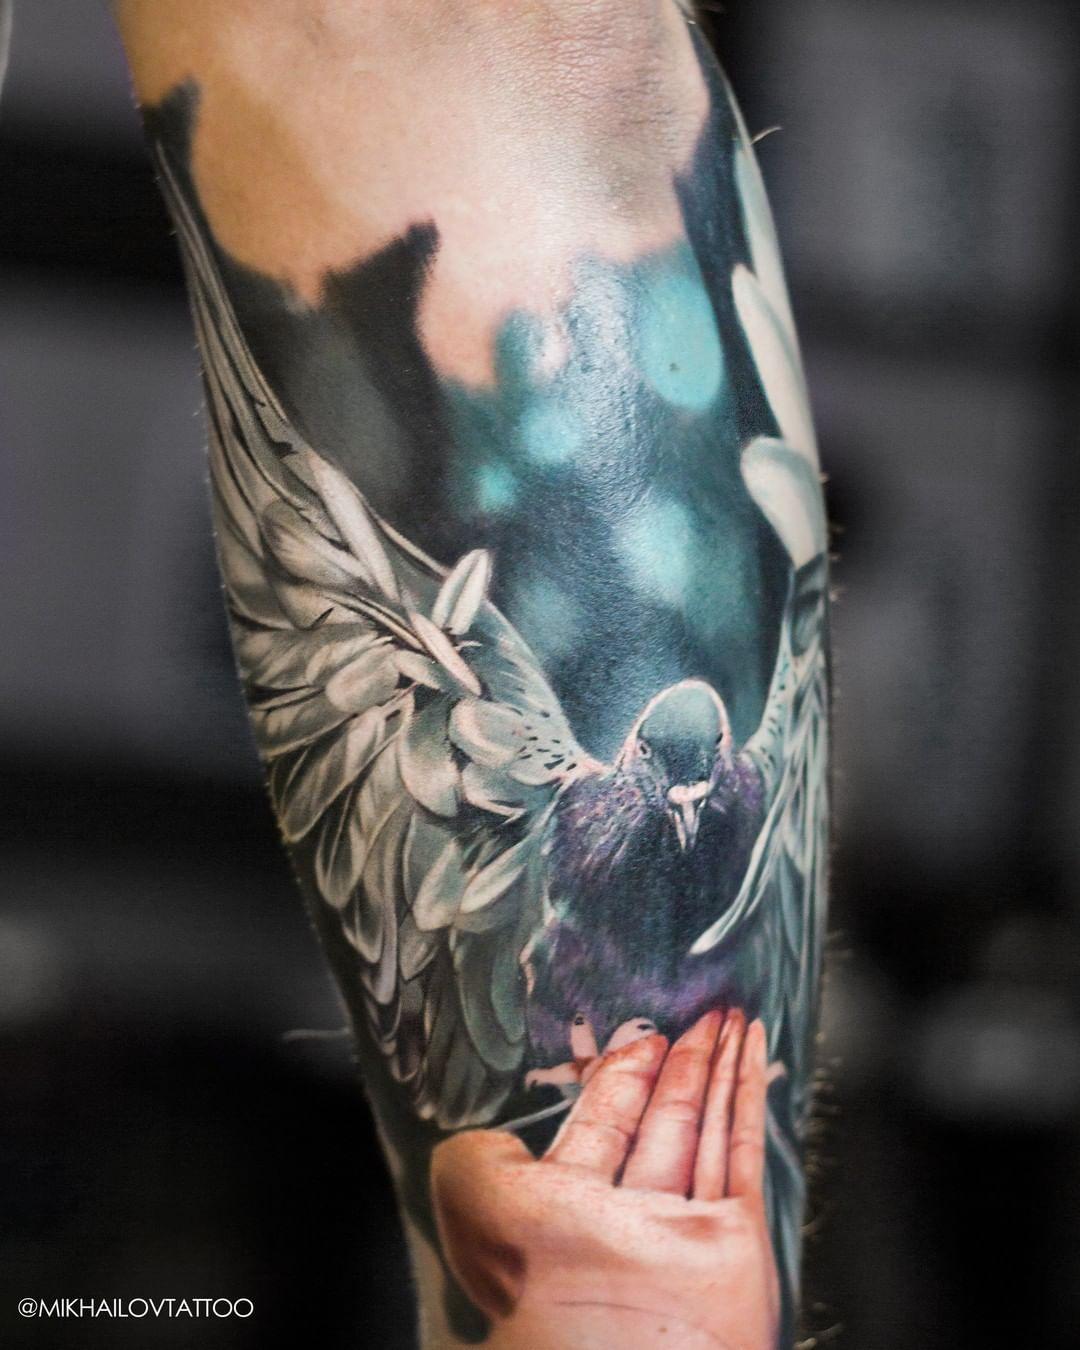 The beginning of the tattoo sleeve. Unfortunately, there is no continuation. I will try to publish not only black and white tattoos.😀 Subscribe to my instagram for cool tattoos @mikhailovtattoo  #polishink #polishtattooartist #polishtattoo #tattoonyc #tattooberlin #tattoodresden #tattoolife #tattoodetails #tattooblack #polandtattoos #warszawatattoo #krakowtattoo #jeleniagóra #zgorzelec #germanytattooers #tatuador #dziarka #dziara #tattoodo #ktosieniedziaratenfujara #radtattoos #tattoomag #tatto